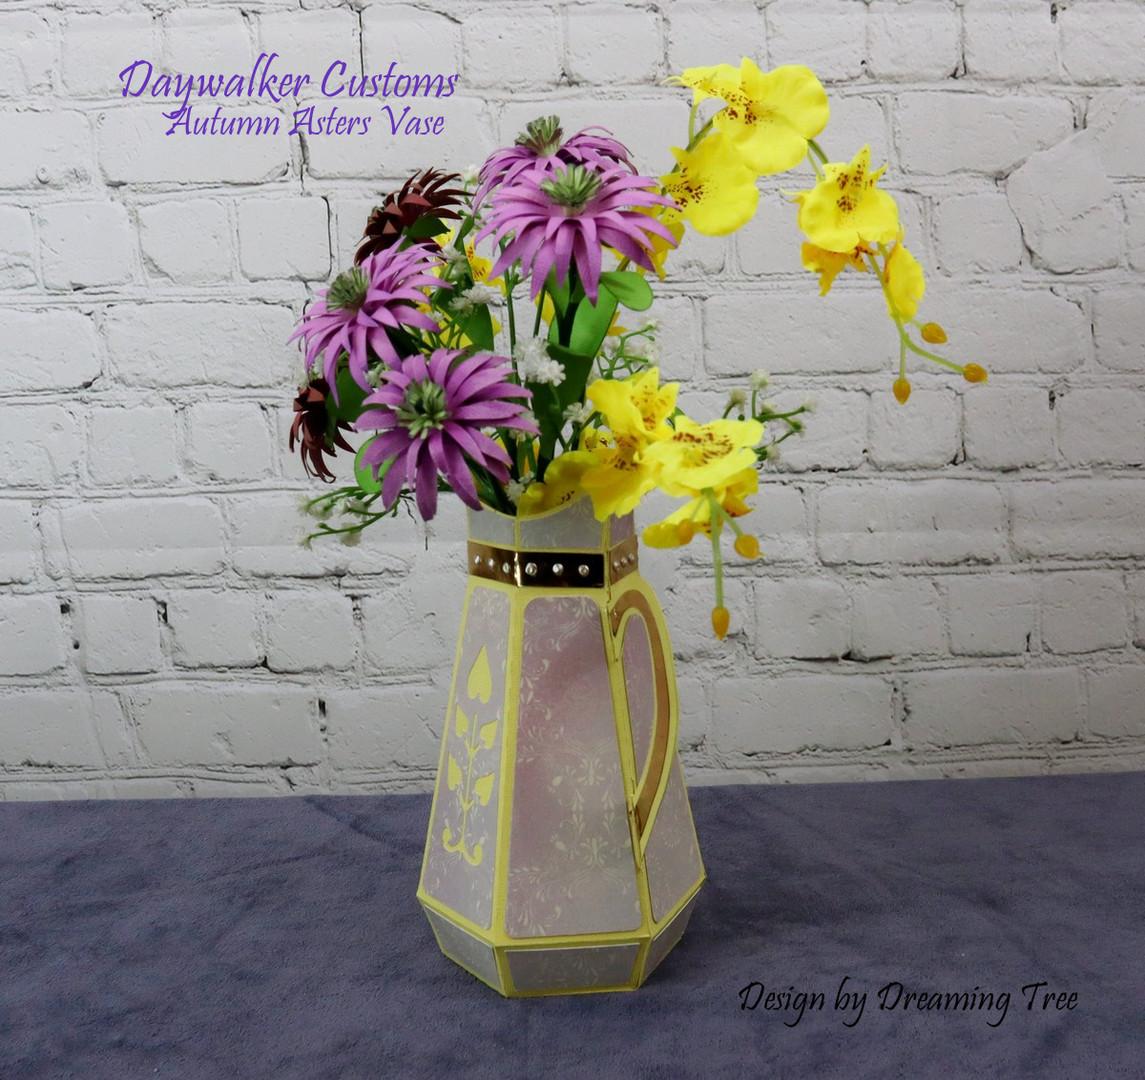 Autumn Asters Vase